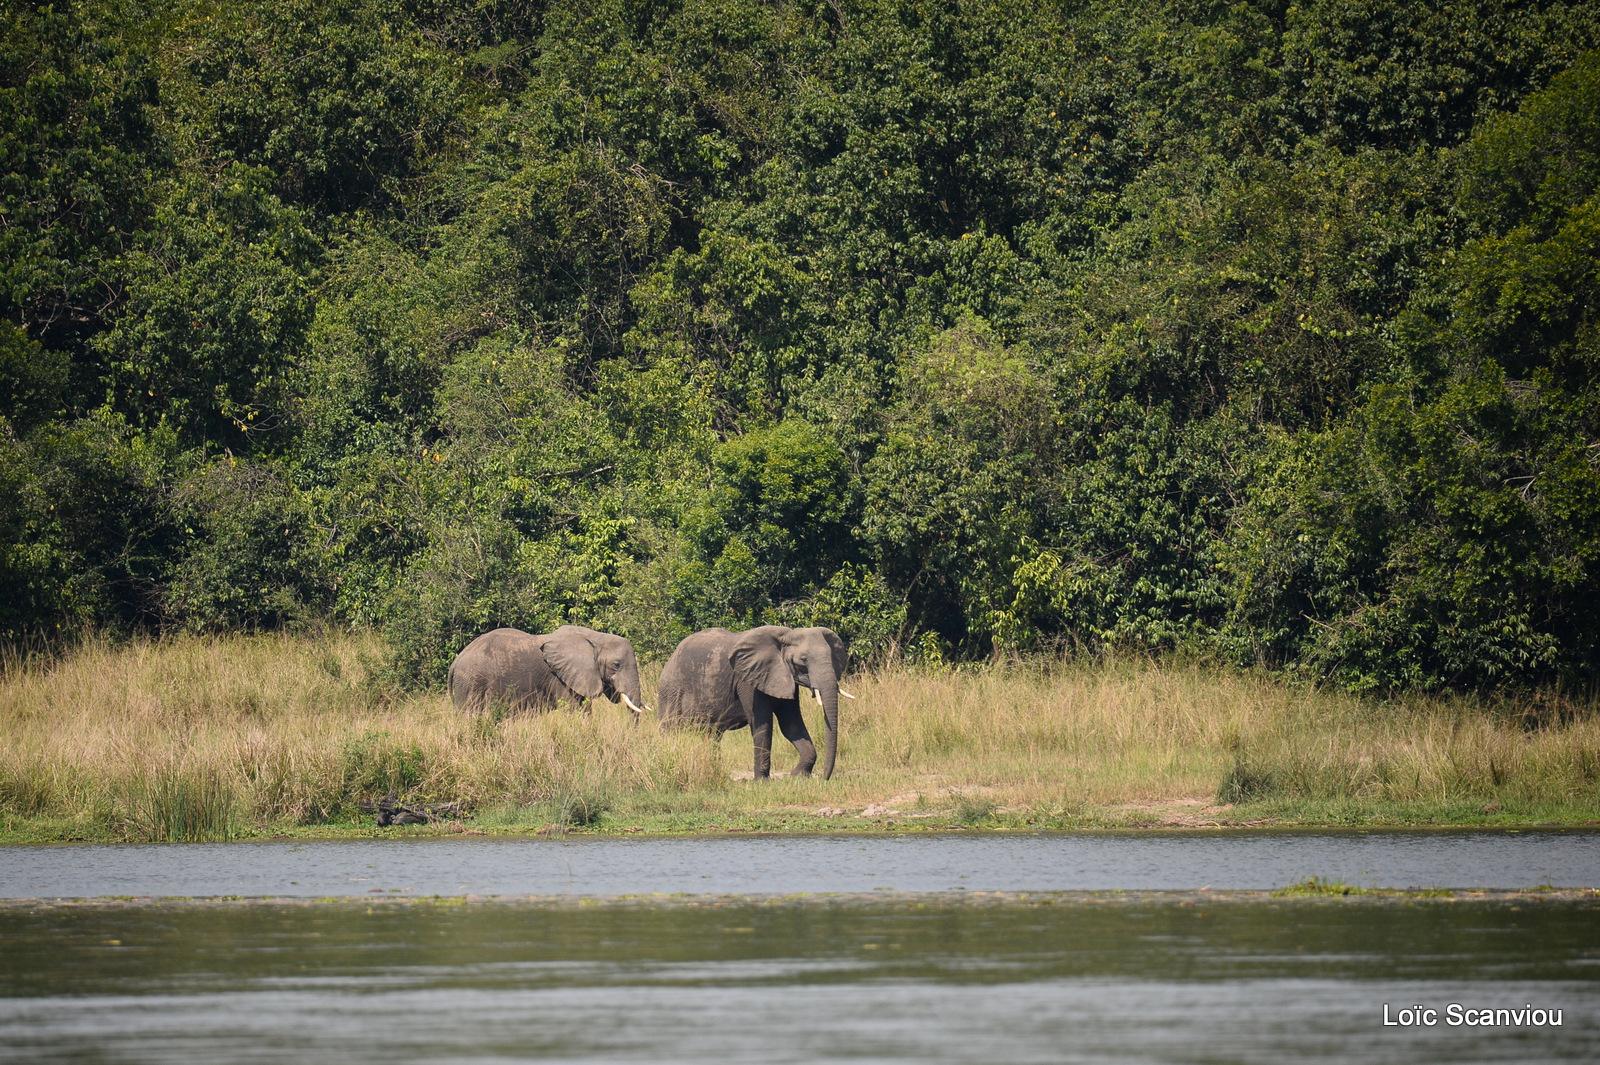 Éléphant de savane d'Afrique/Savanna Elephant (15)